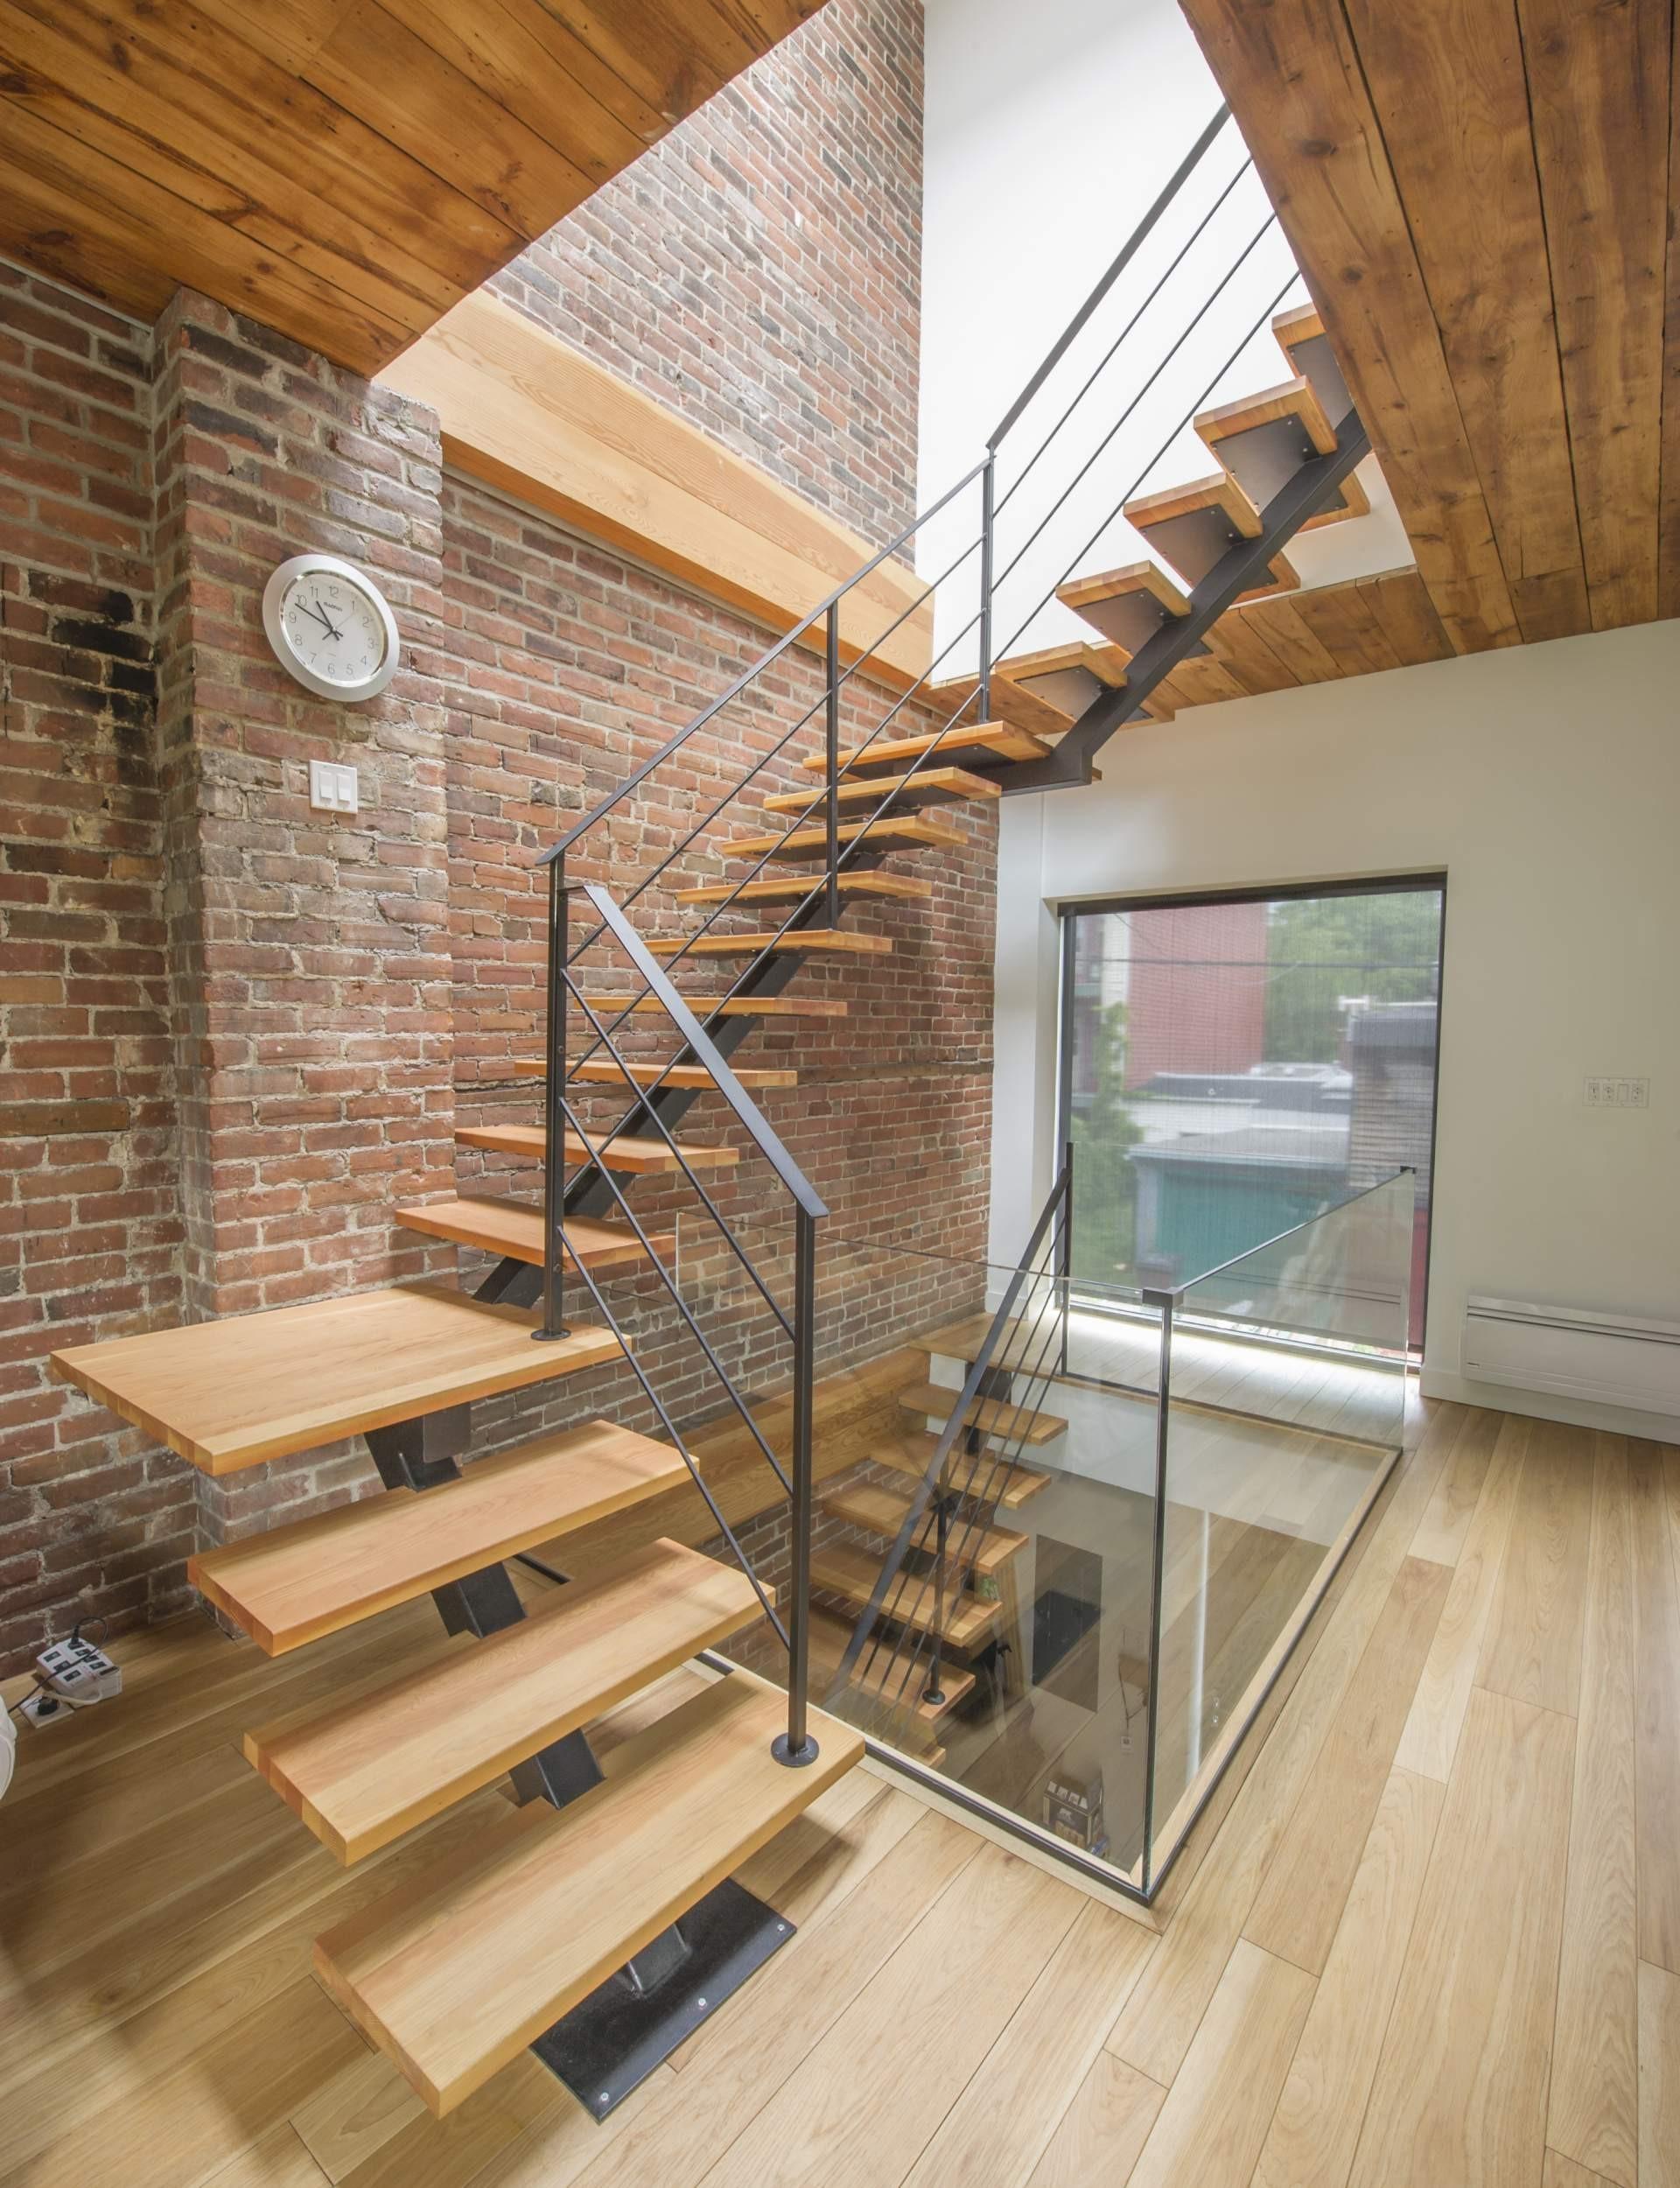 Лестница на второй этаж в доме на металлическом каркасе